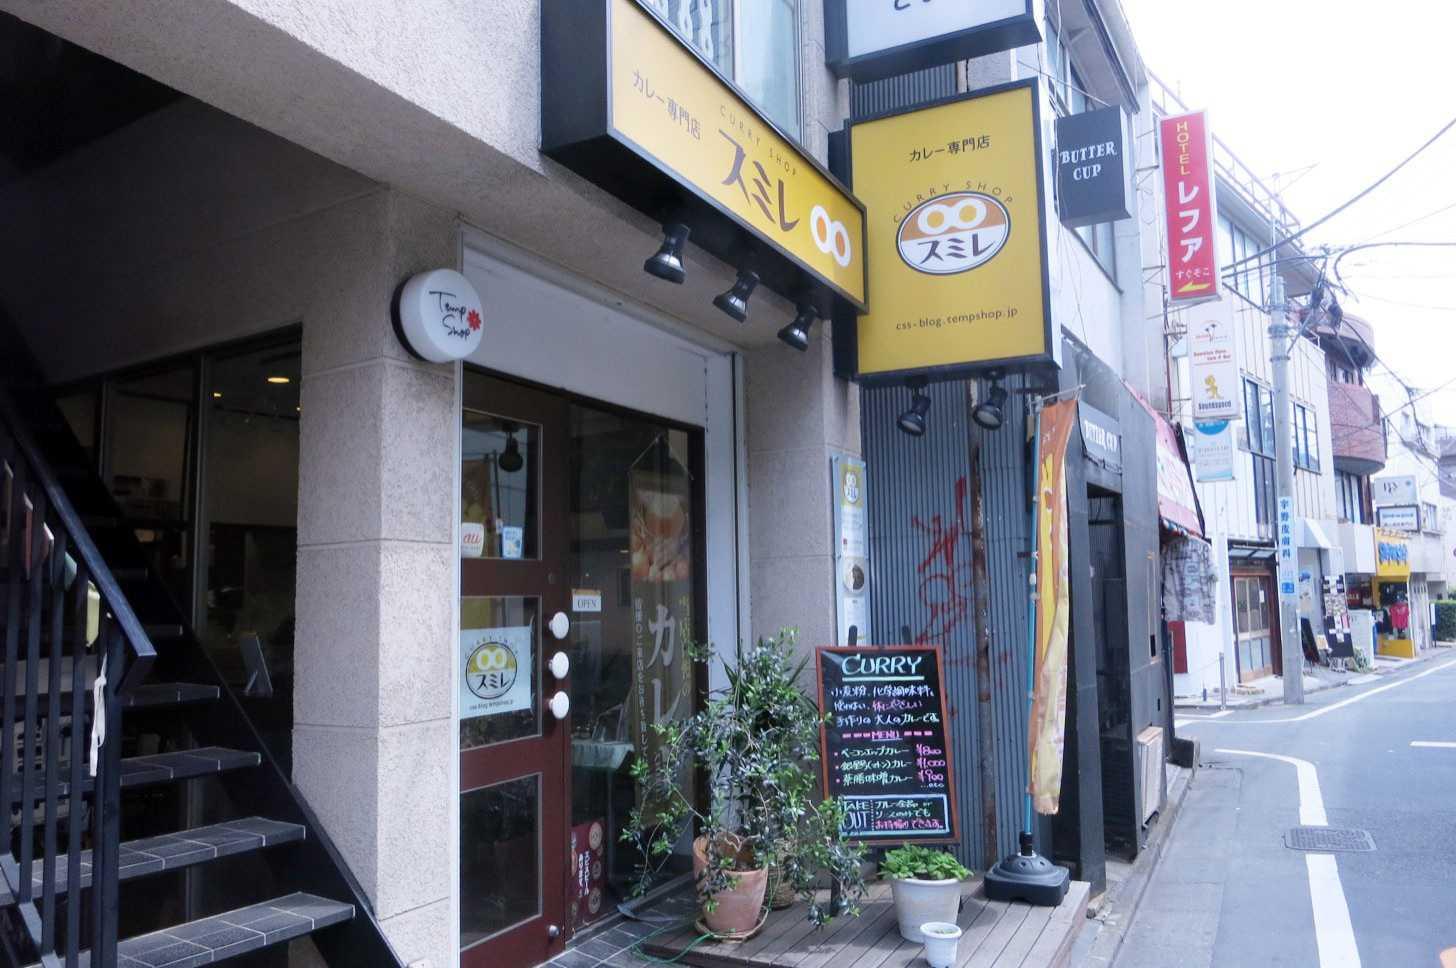 あぁん?下北沢でカレーを食いたい?それならスミレ行ってこい!ベーコンエッグカレー喰ってこい!